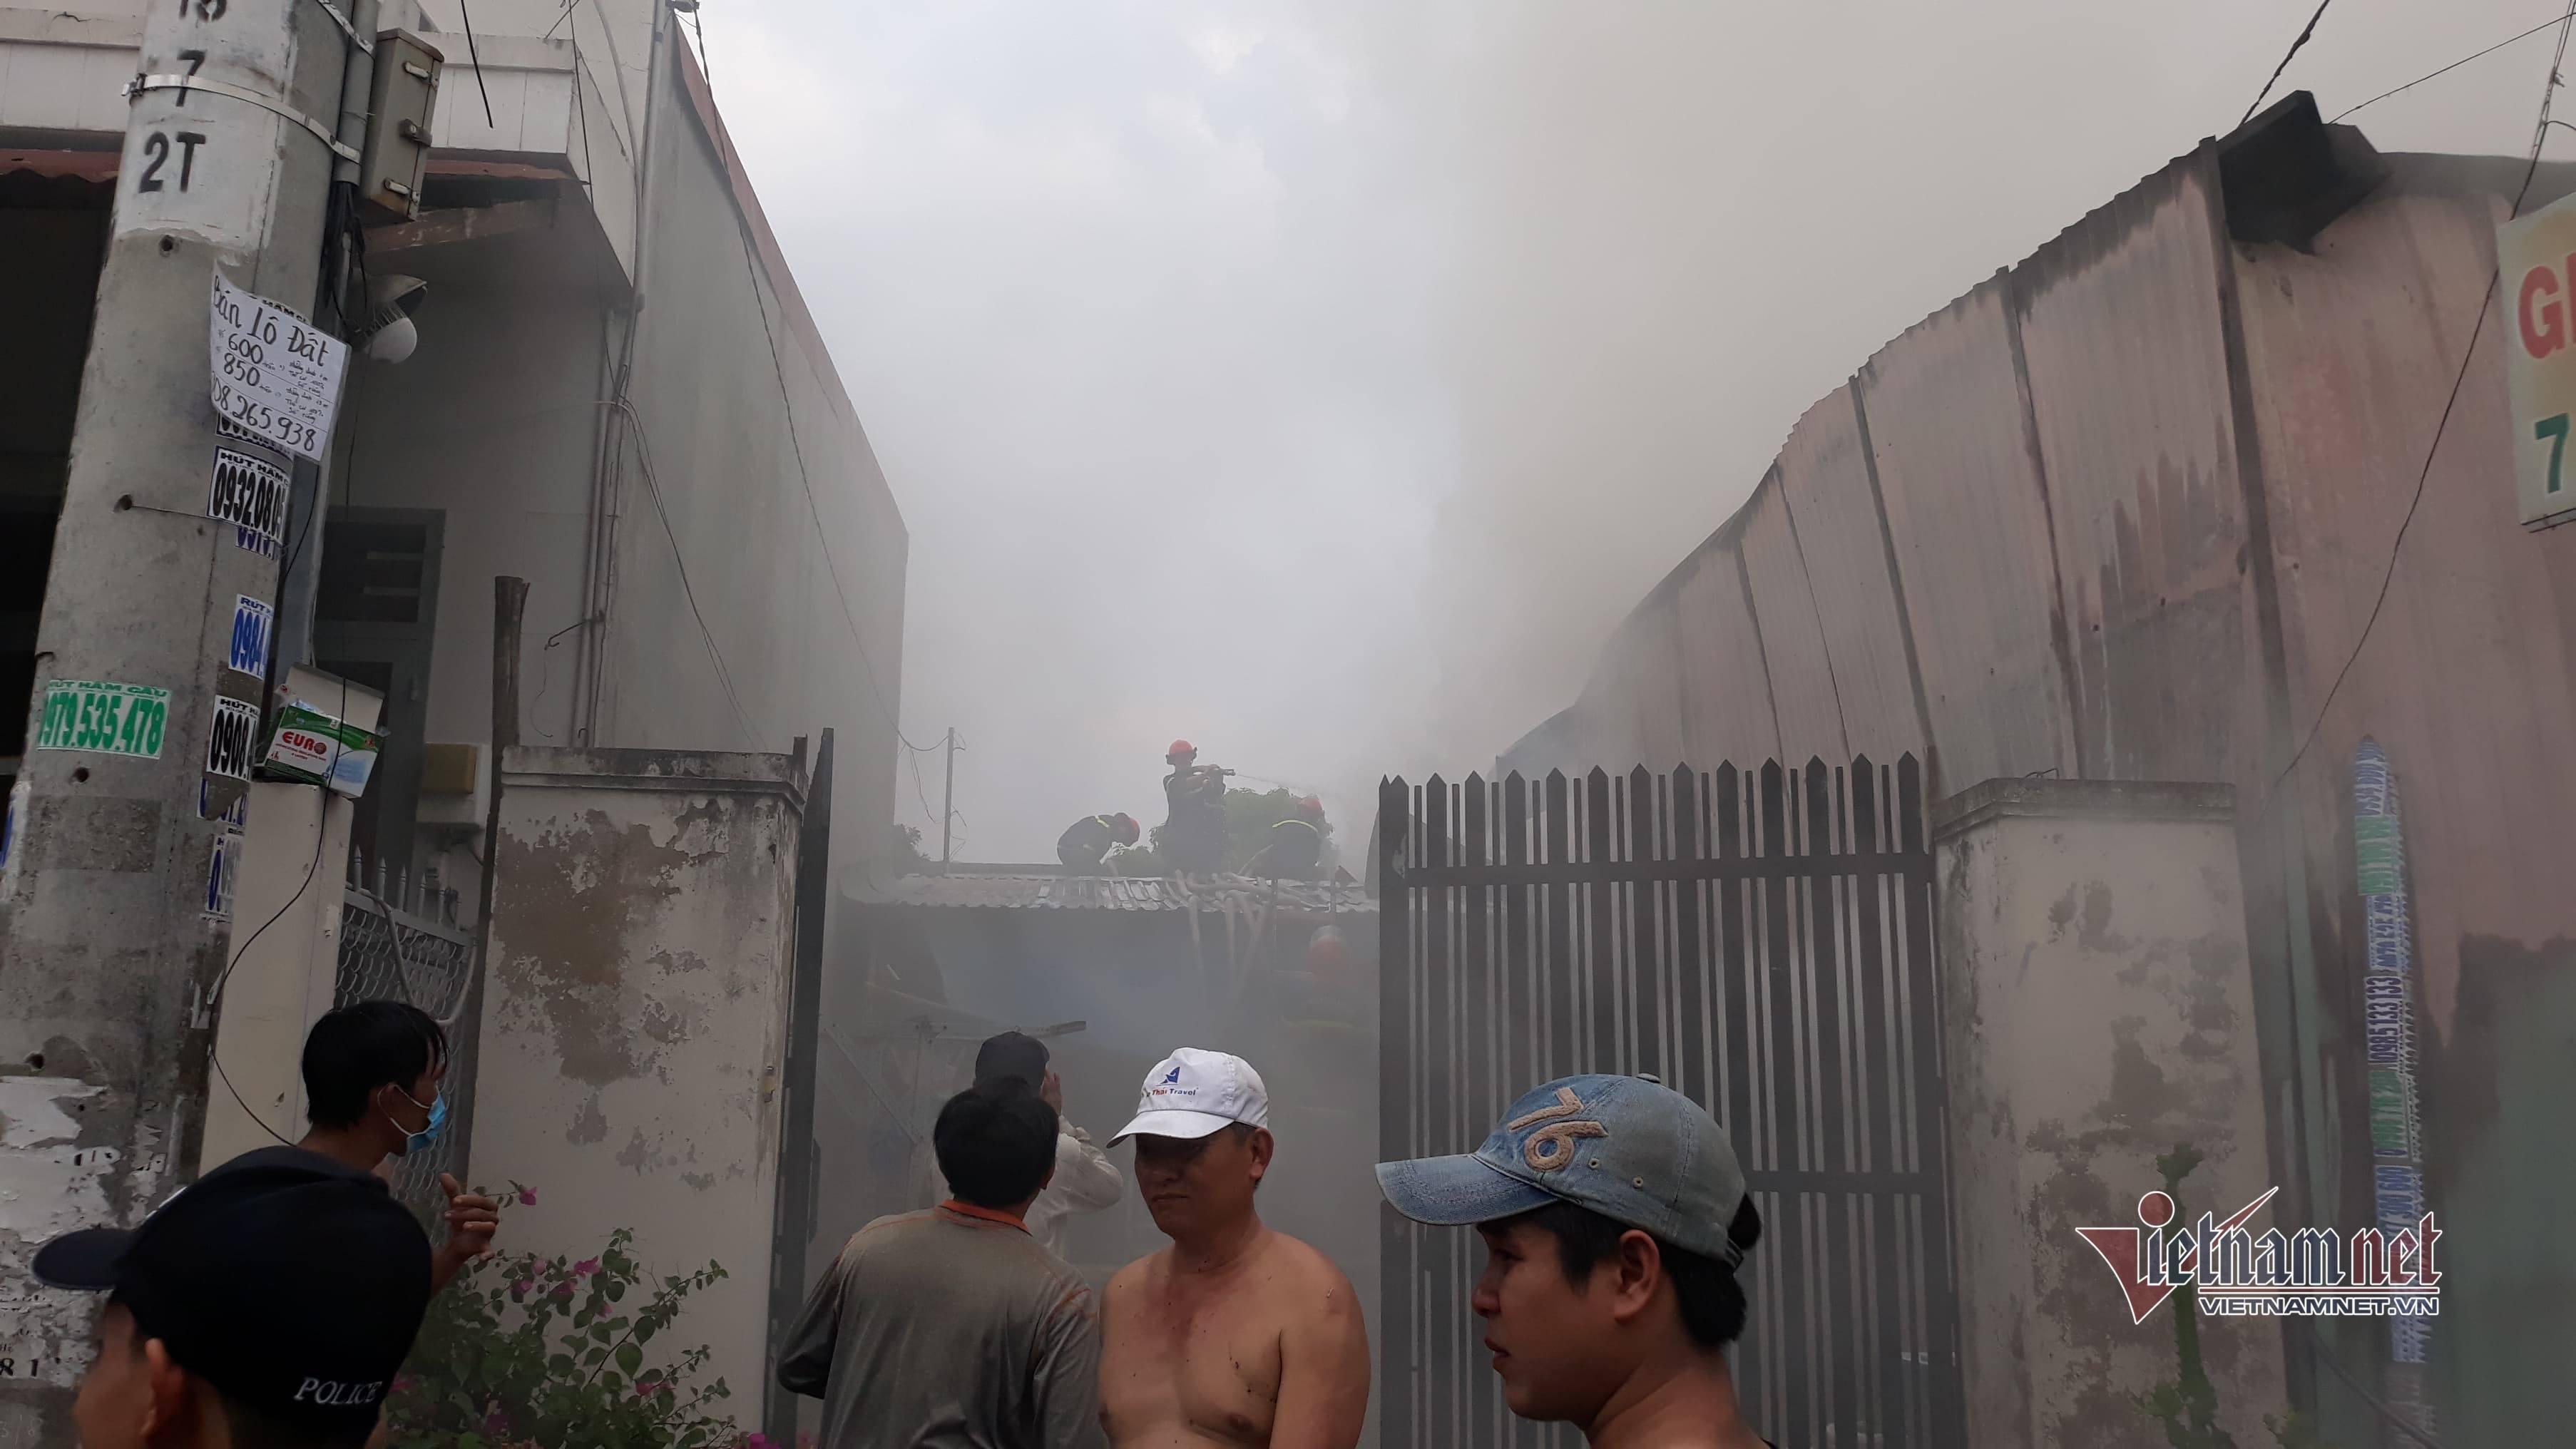 Cháy lớn kho vải ở Sài Gòn, tài sản hóa tro tháng cuối năm